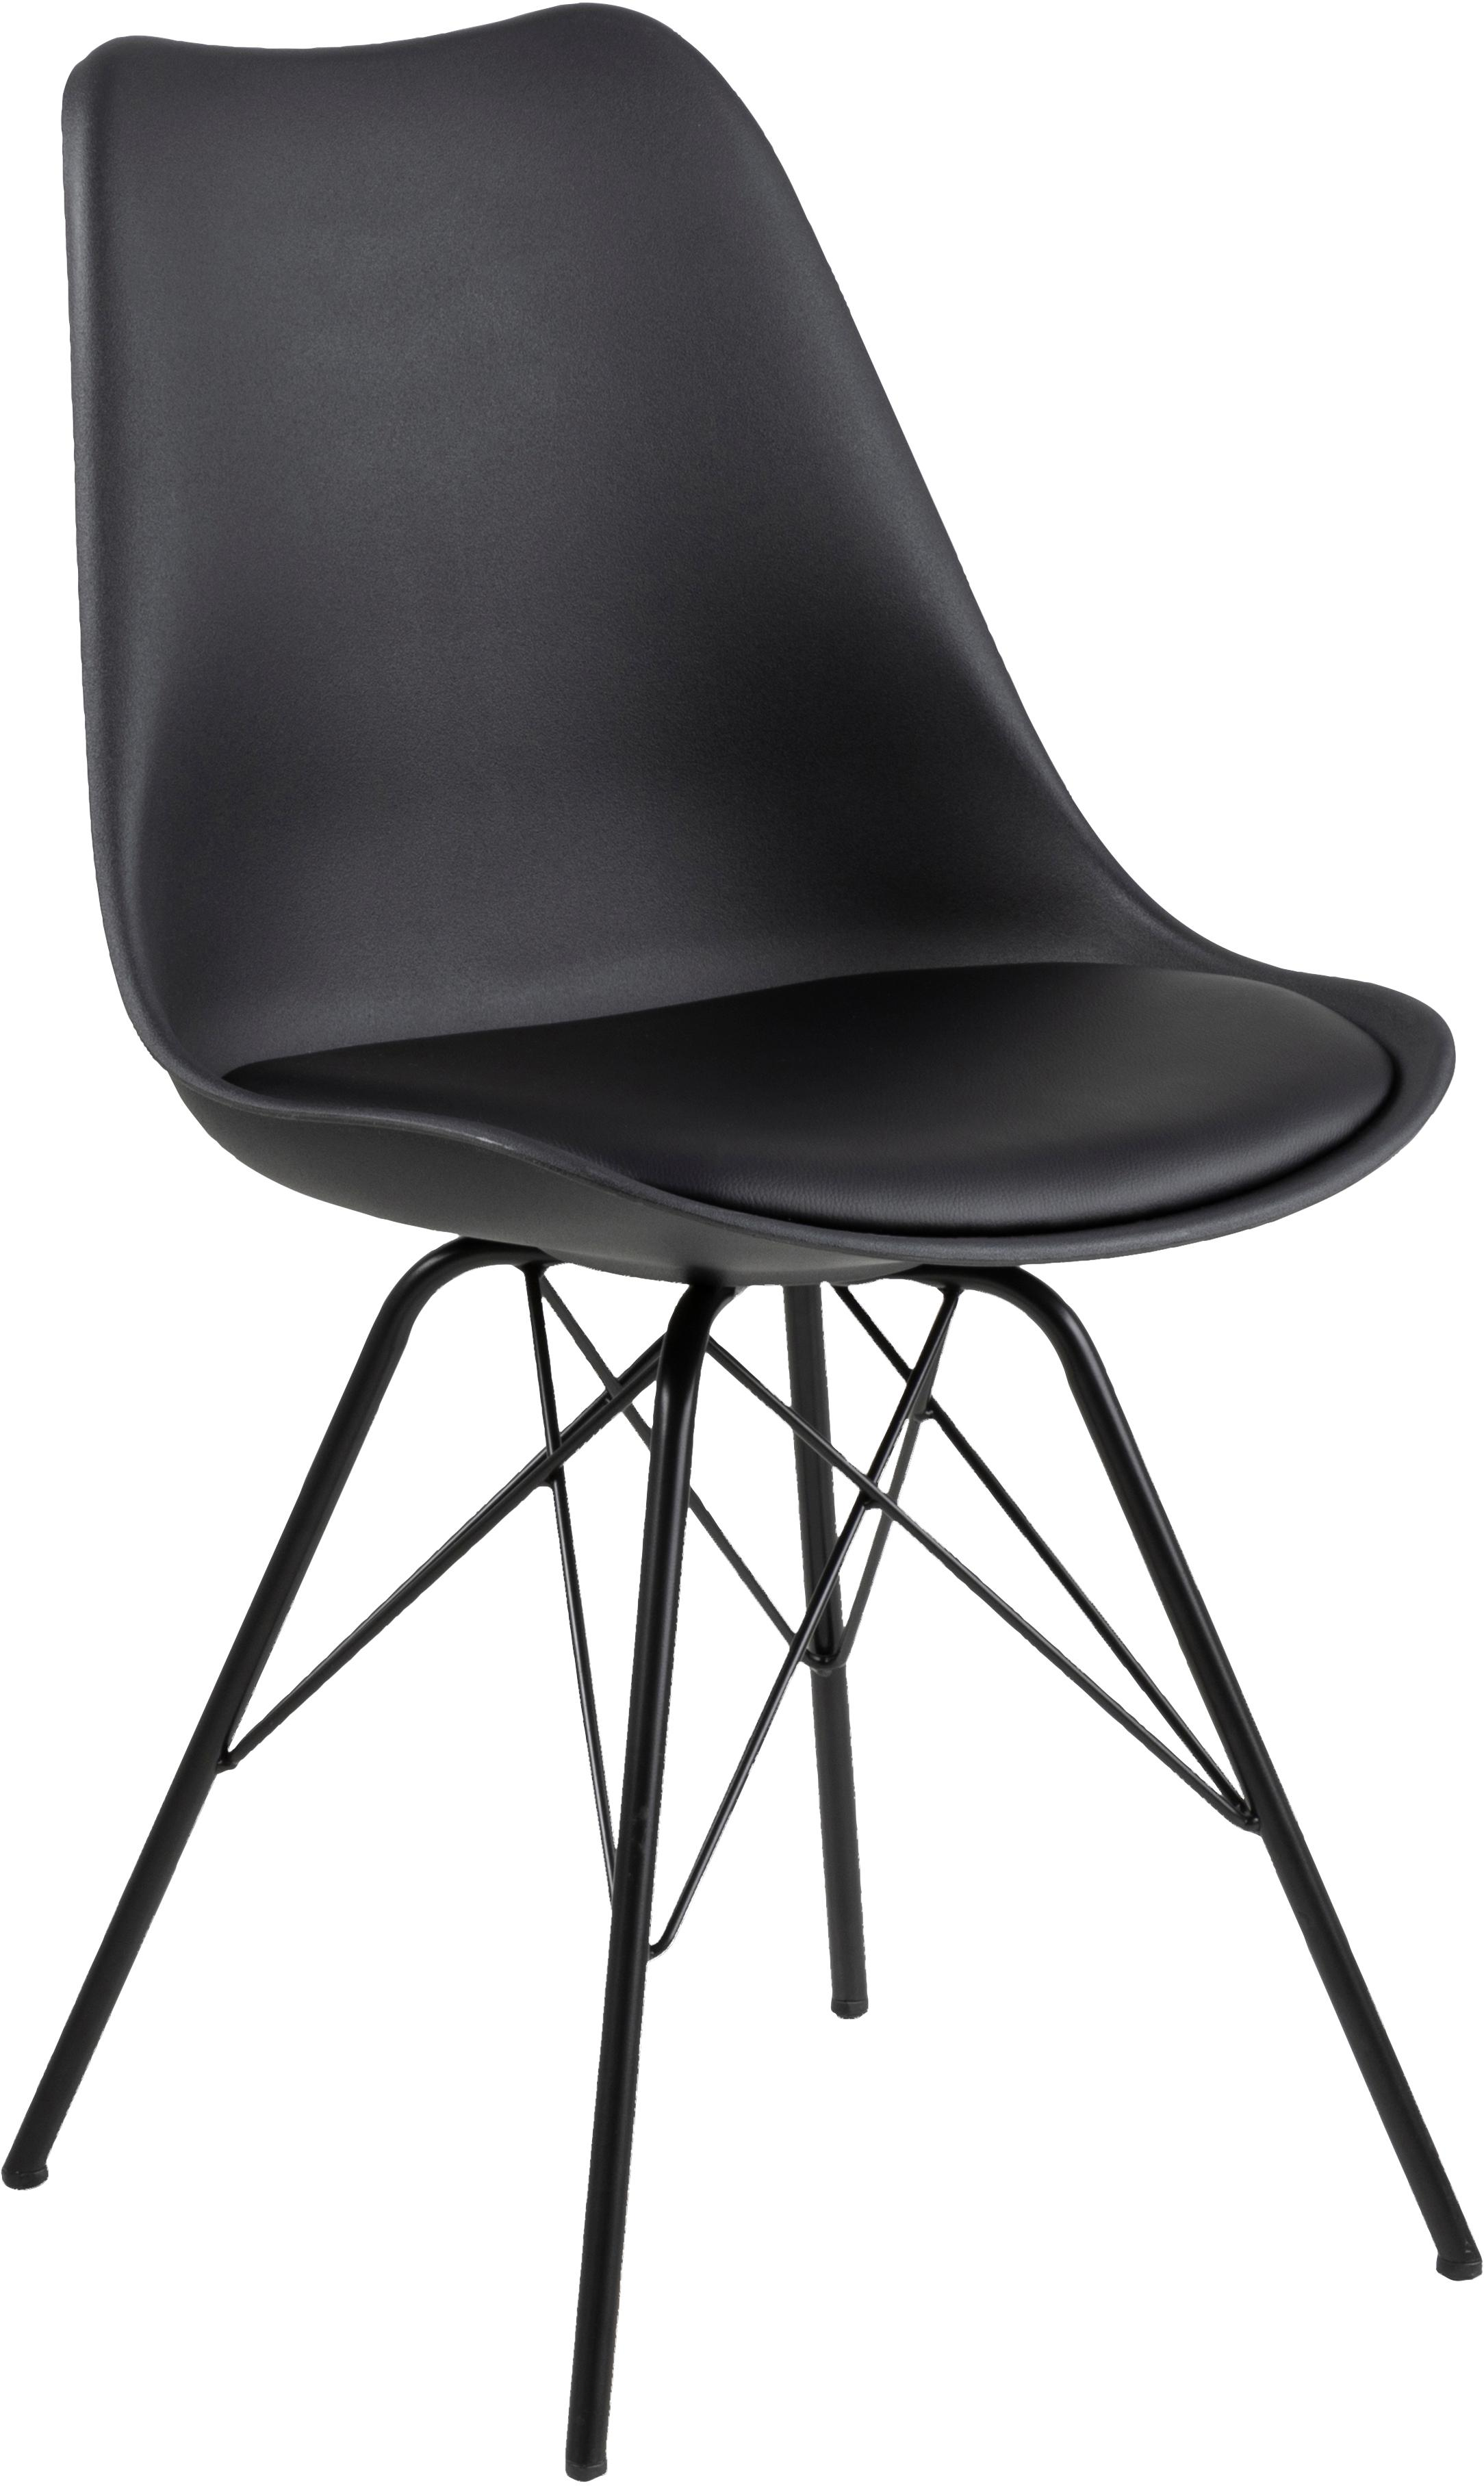 Kunststoffen stoelen Eris, 2 stuks, Zitvlak: kunststof, Bekleding: kunstleer (polyurethaan), Poten: gepoedercoat metaal, Zwart, B 49 x D 54 cm